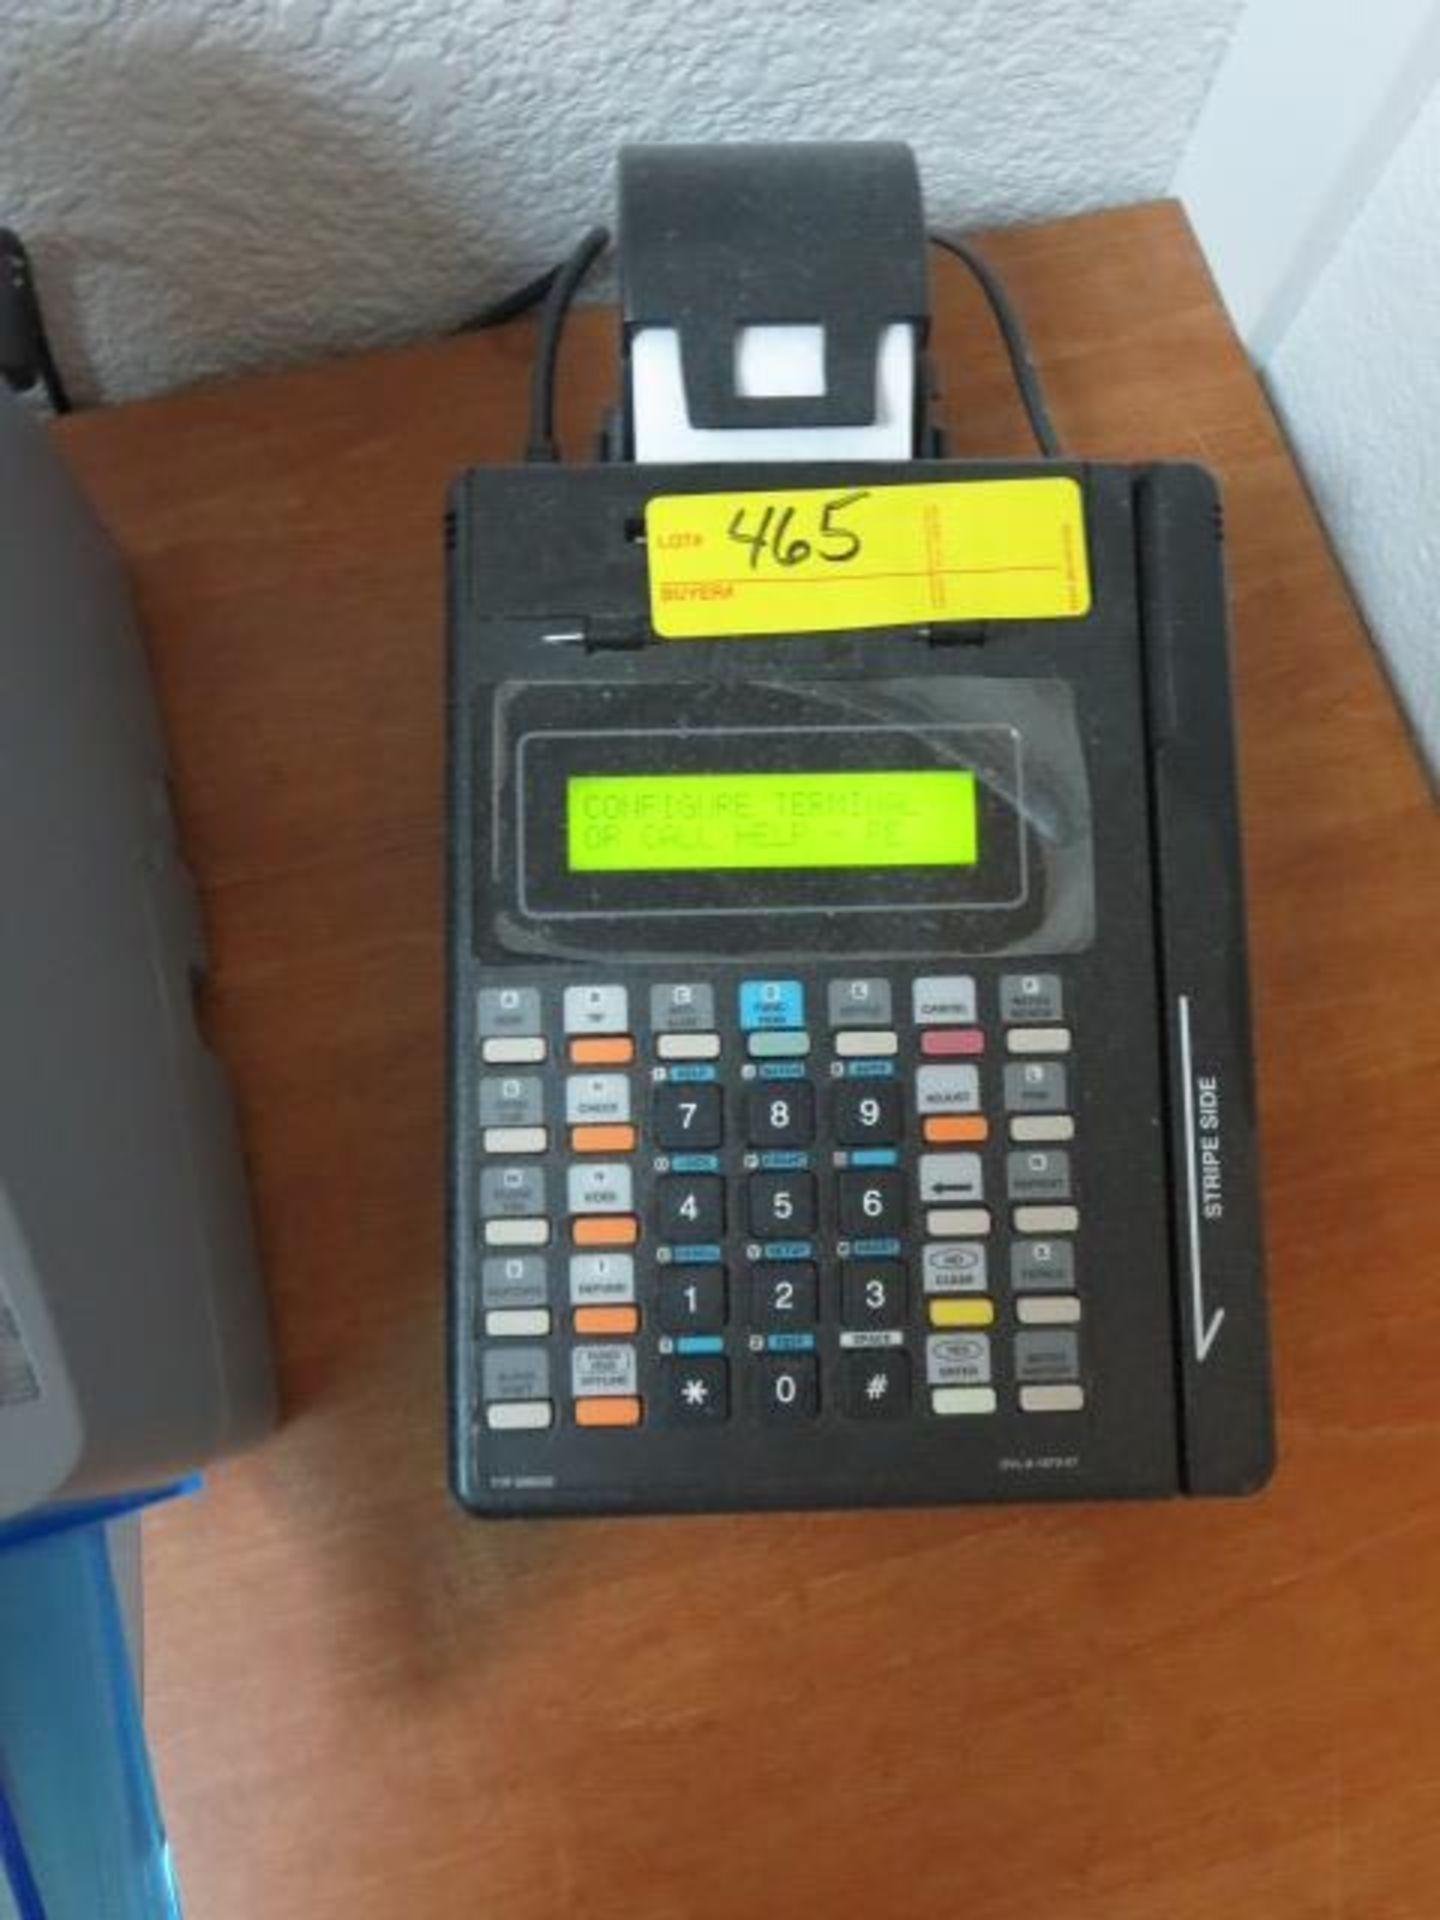 Lot 465 - Credit Card Scanner, model T7P 500032